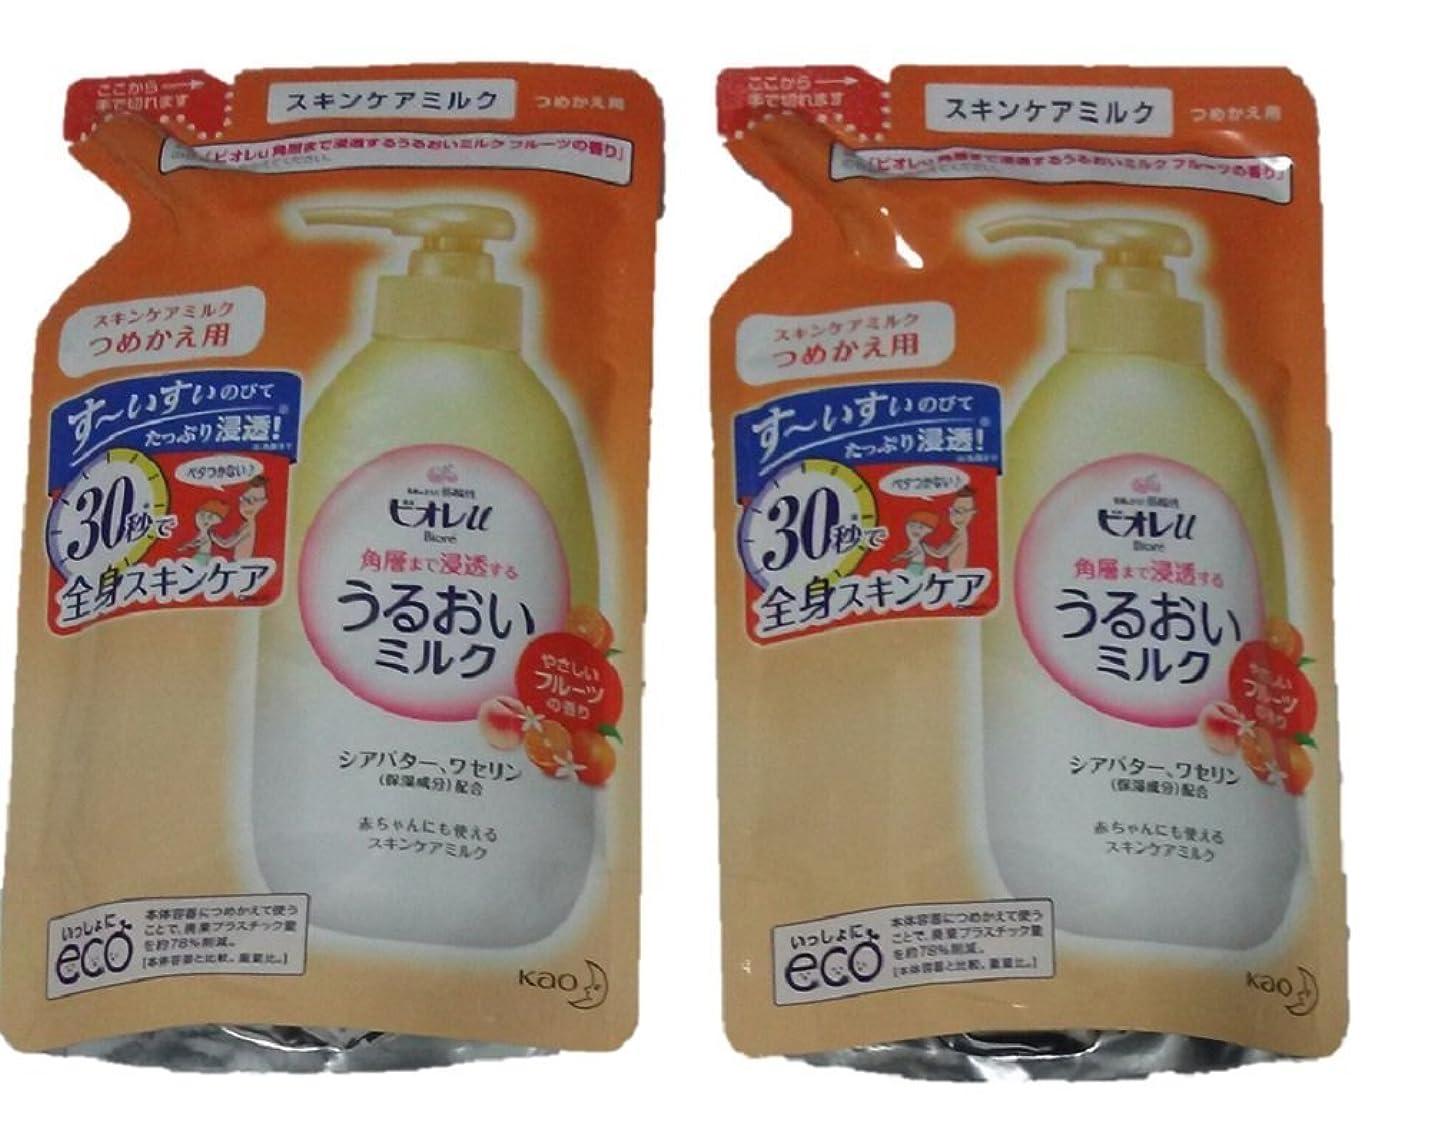 読みやすい薄い便利さ【2袋セット】 ビオレU うるおいミルク フルーツの香り つめかえ用